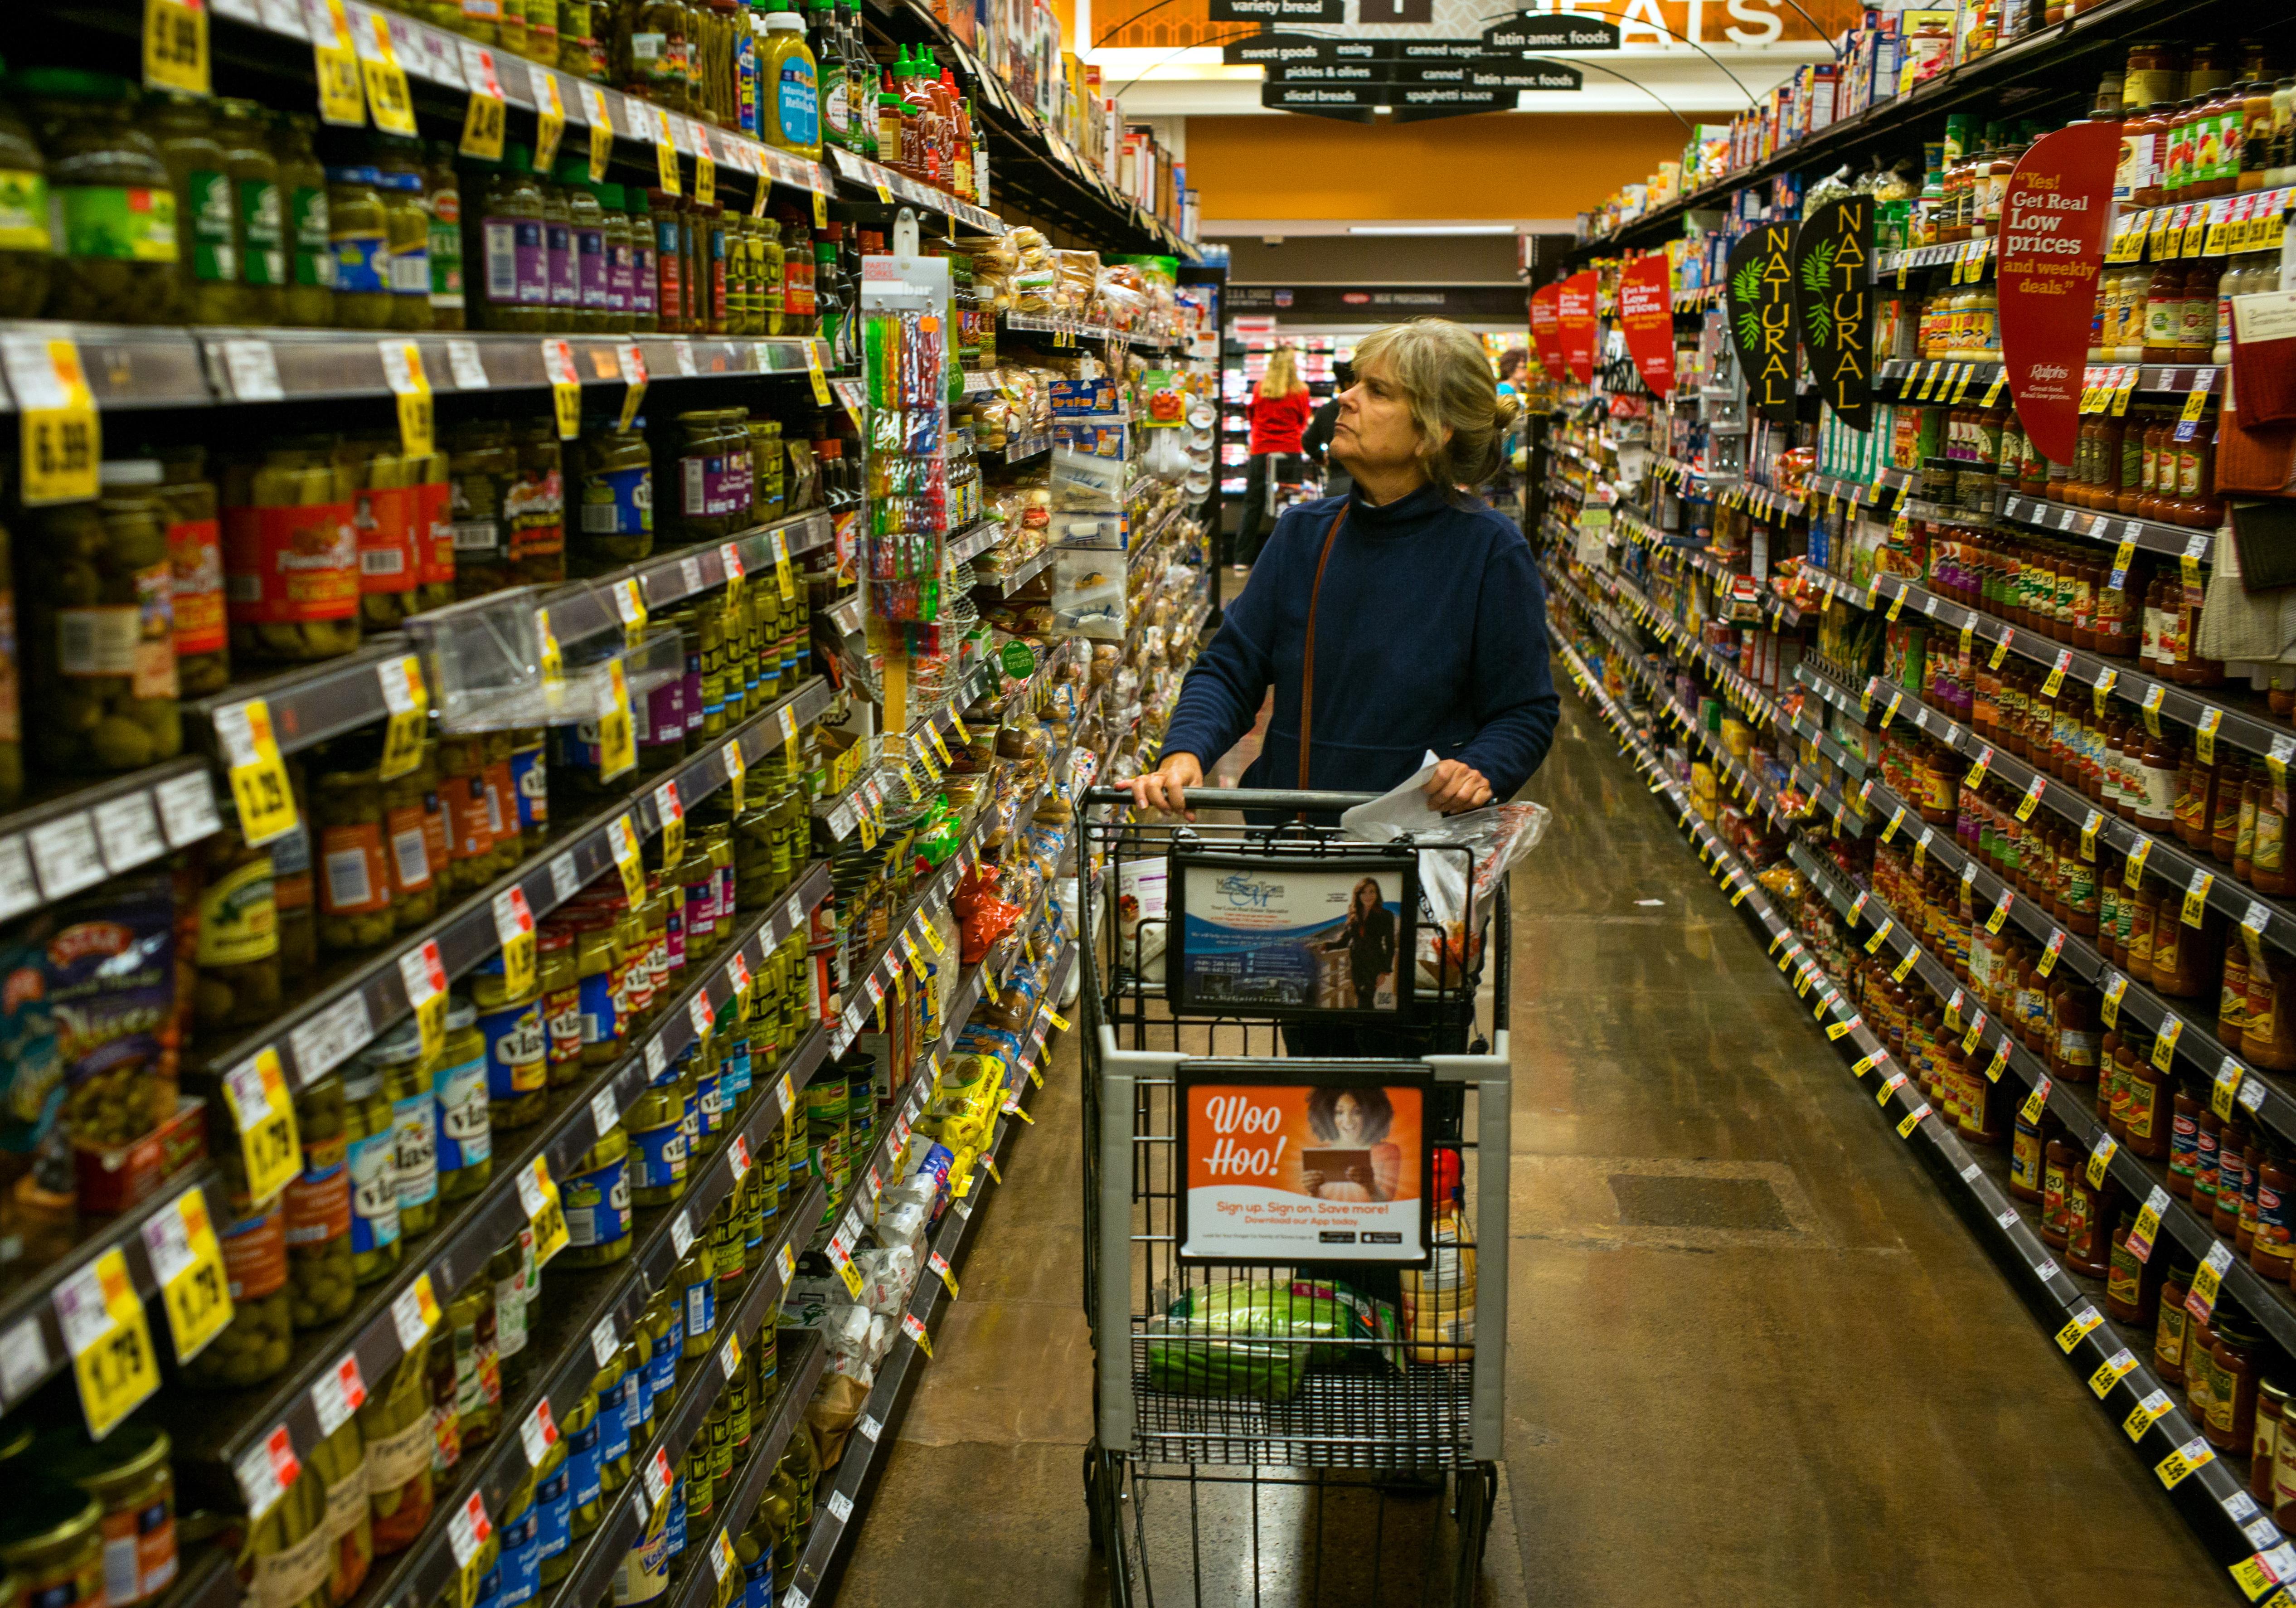 A woman shops at a Ralphs supermarket Dec. 26, 2014 in San Juan Capistrano, Calif.